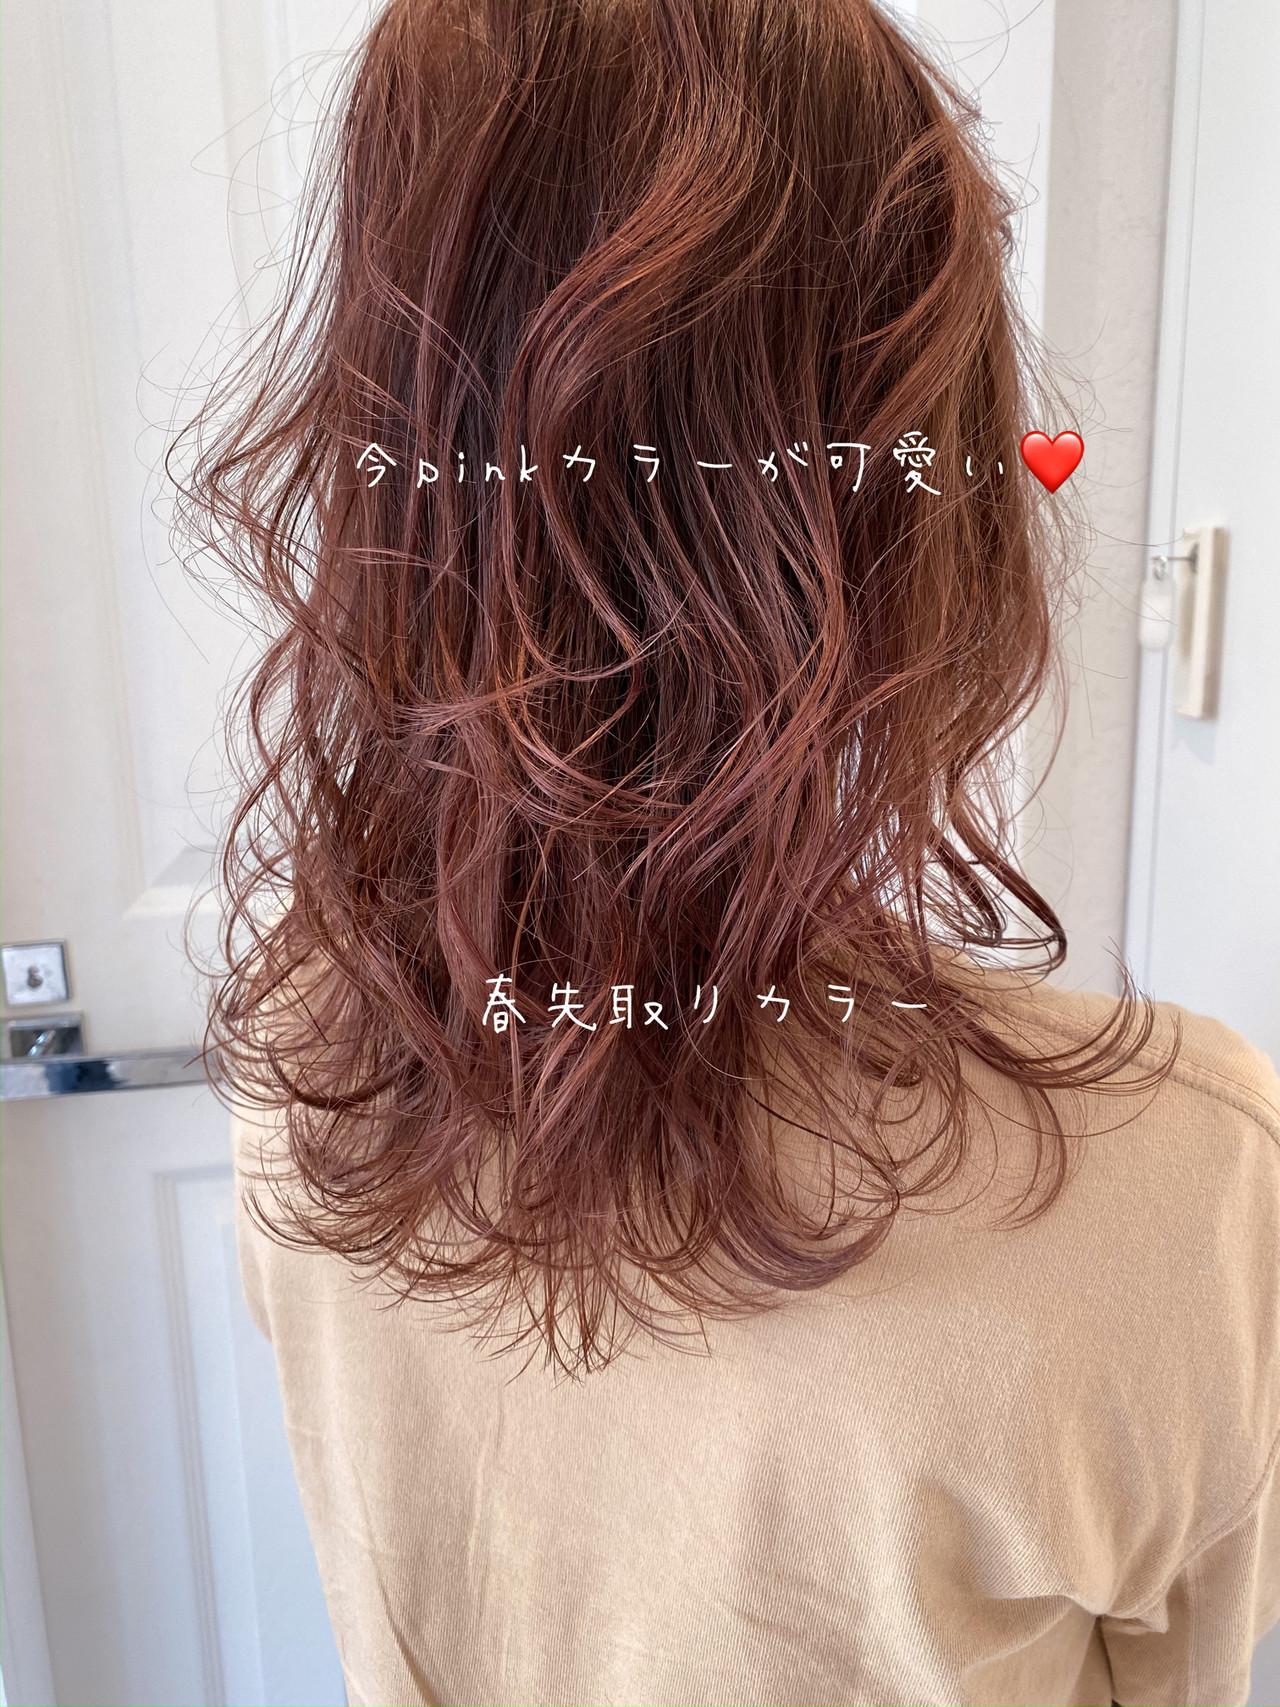 フェミニン ラベンダーピンク ピンクラベンダー セミロングヘアスタイルや髪型の写真・画像